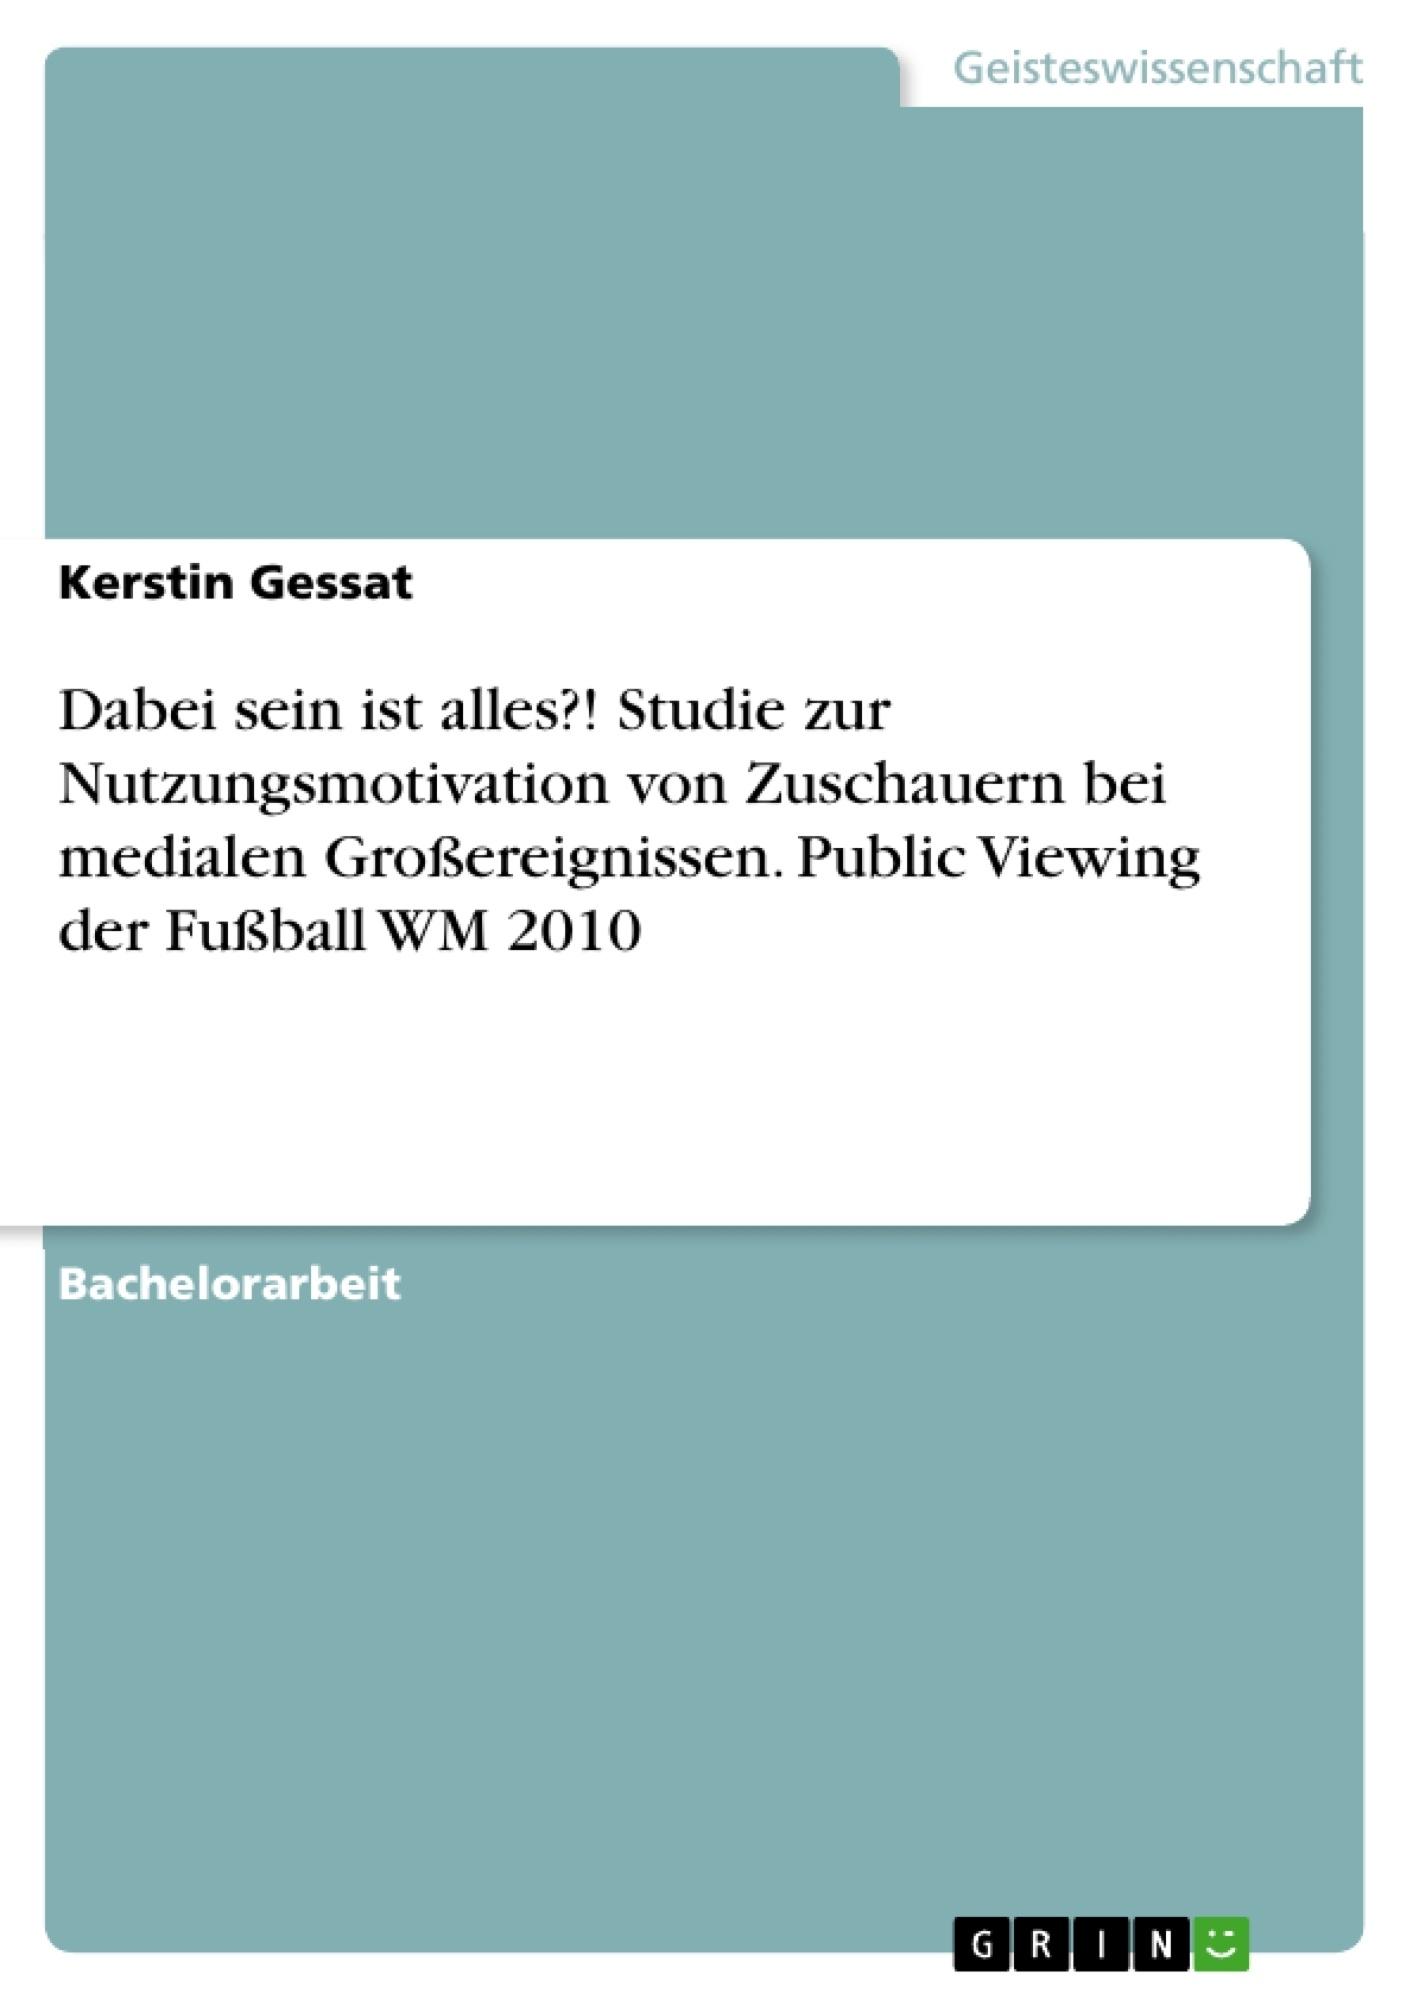 Titel: Dabei sein ist alles?! Studie zur Nutzungsmotivation von Zuschauern bei medialen Großereignissen. Public Viewing der Fußball WM 2010